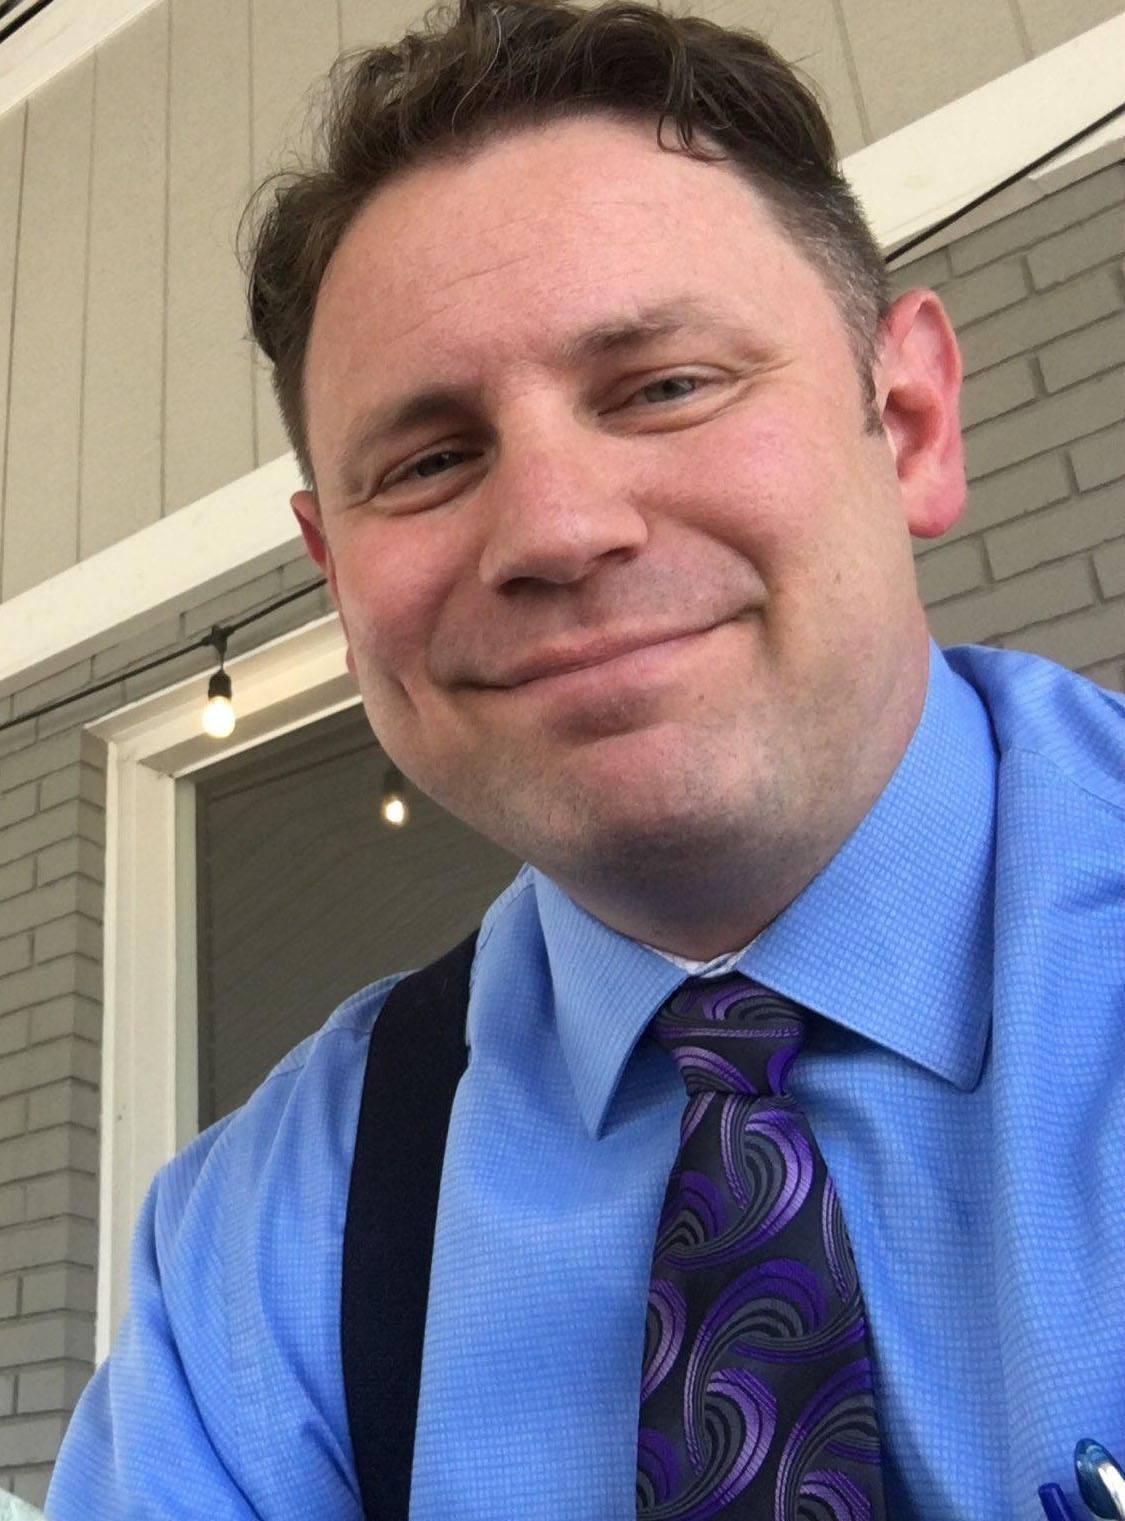 Jason Pierschbacher